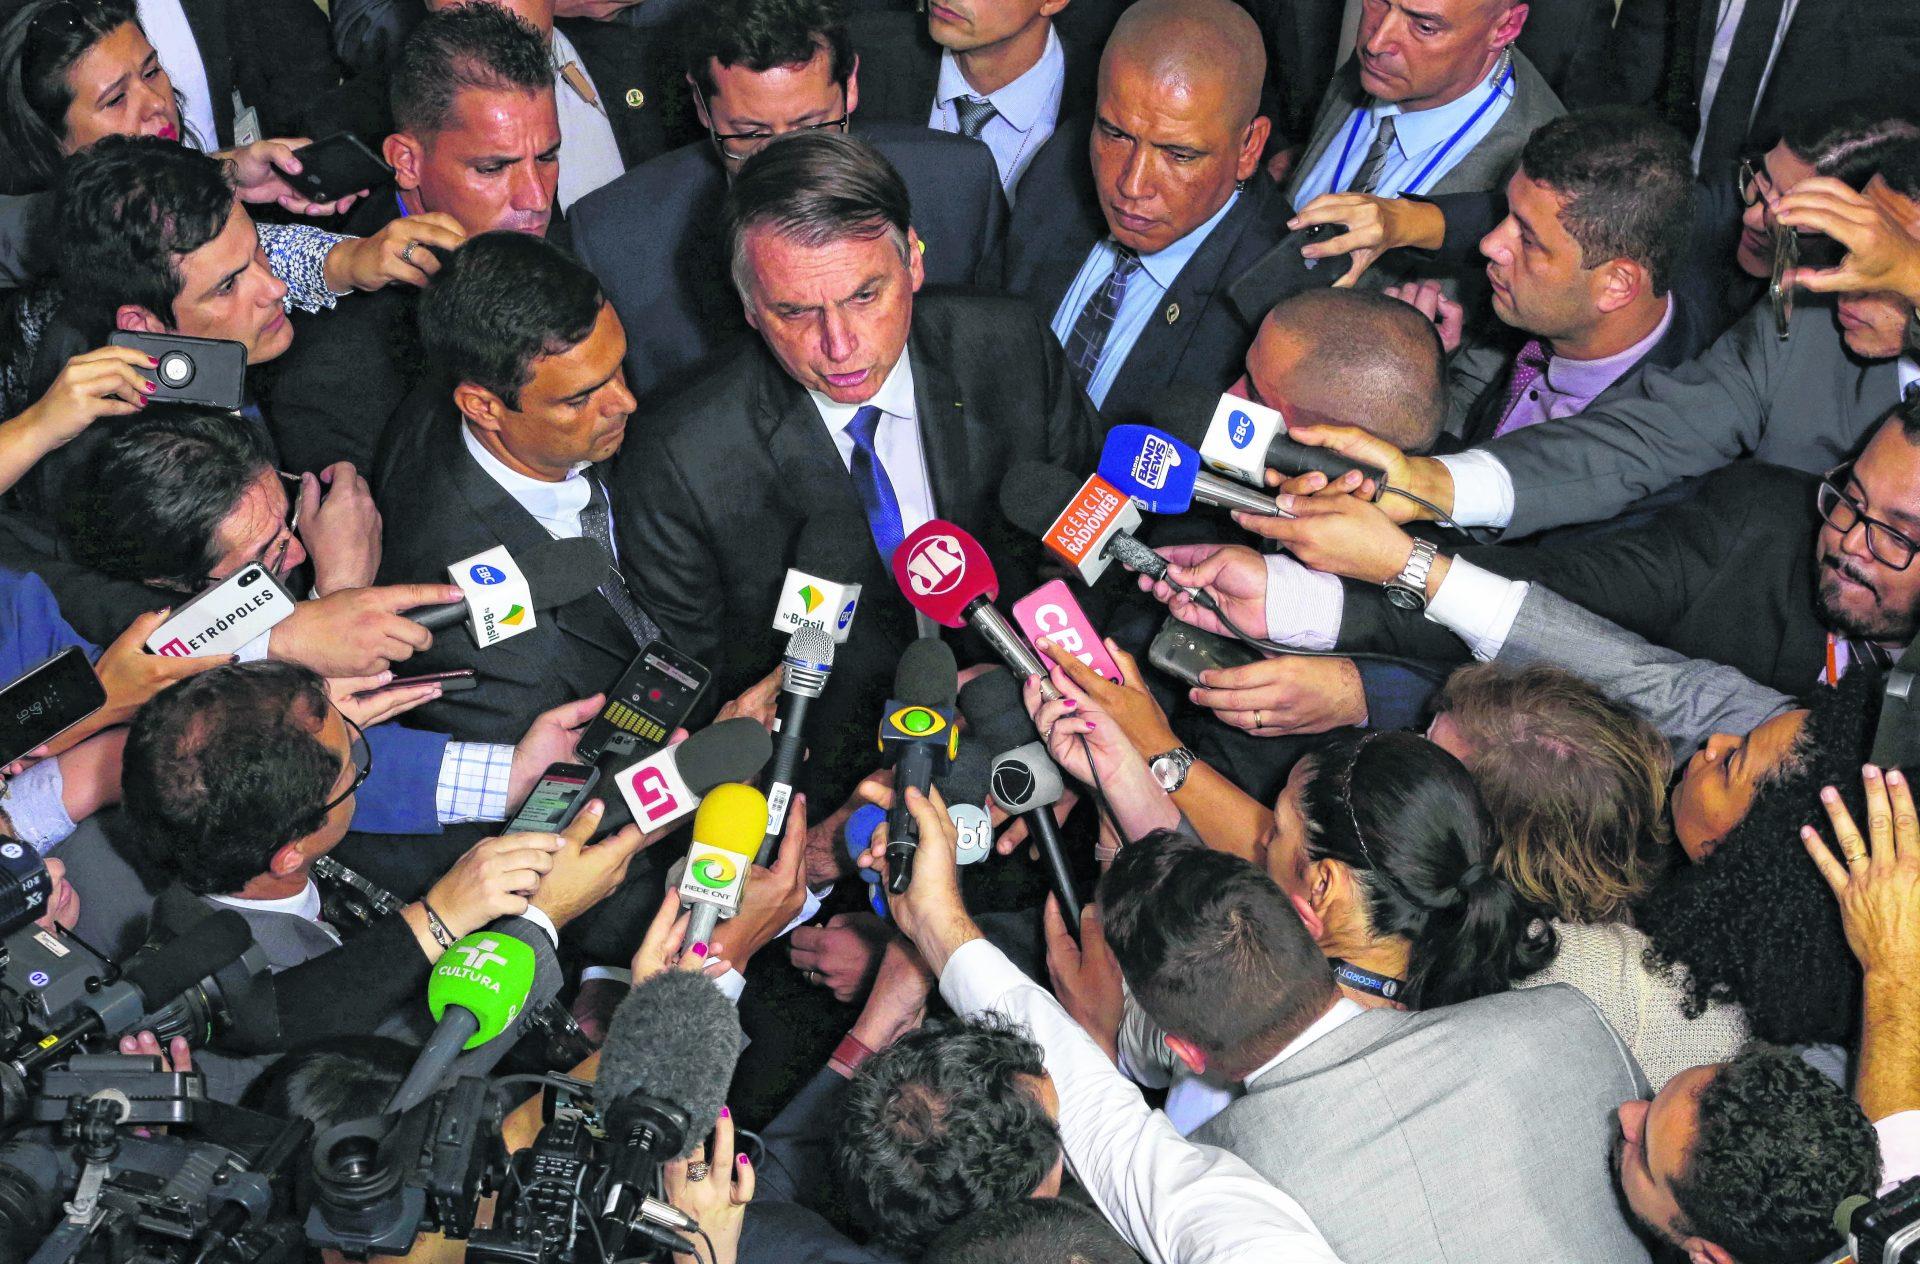 Președintele Braziliei, dat în judecată de jurnaliști pentru că și-a dat masca jos, deși știa că este infectat cu coronavirus